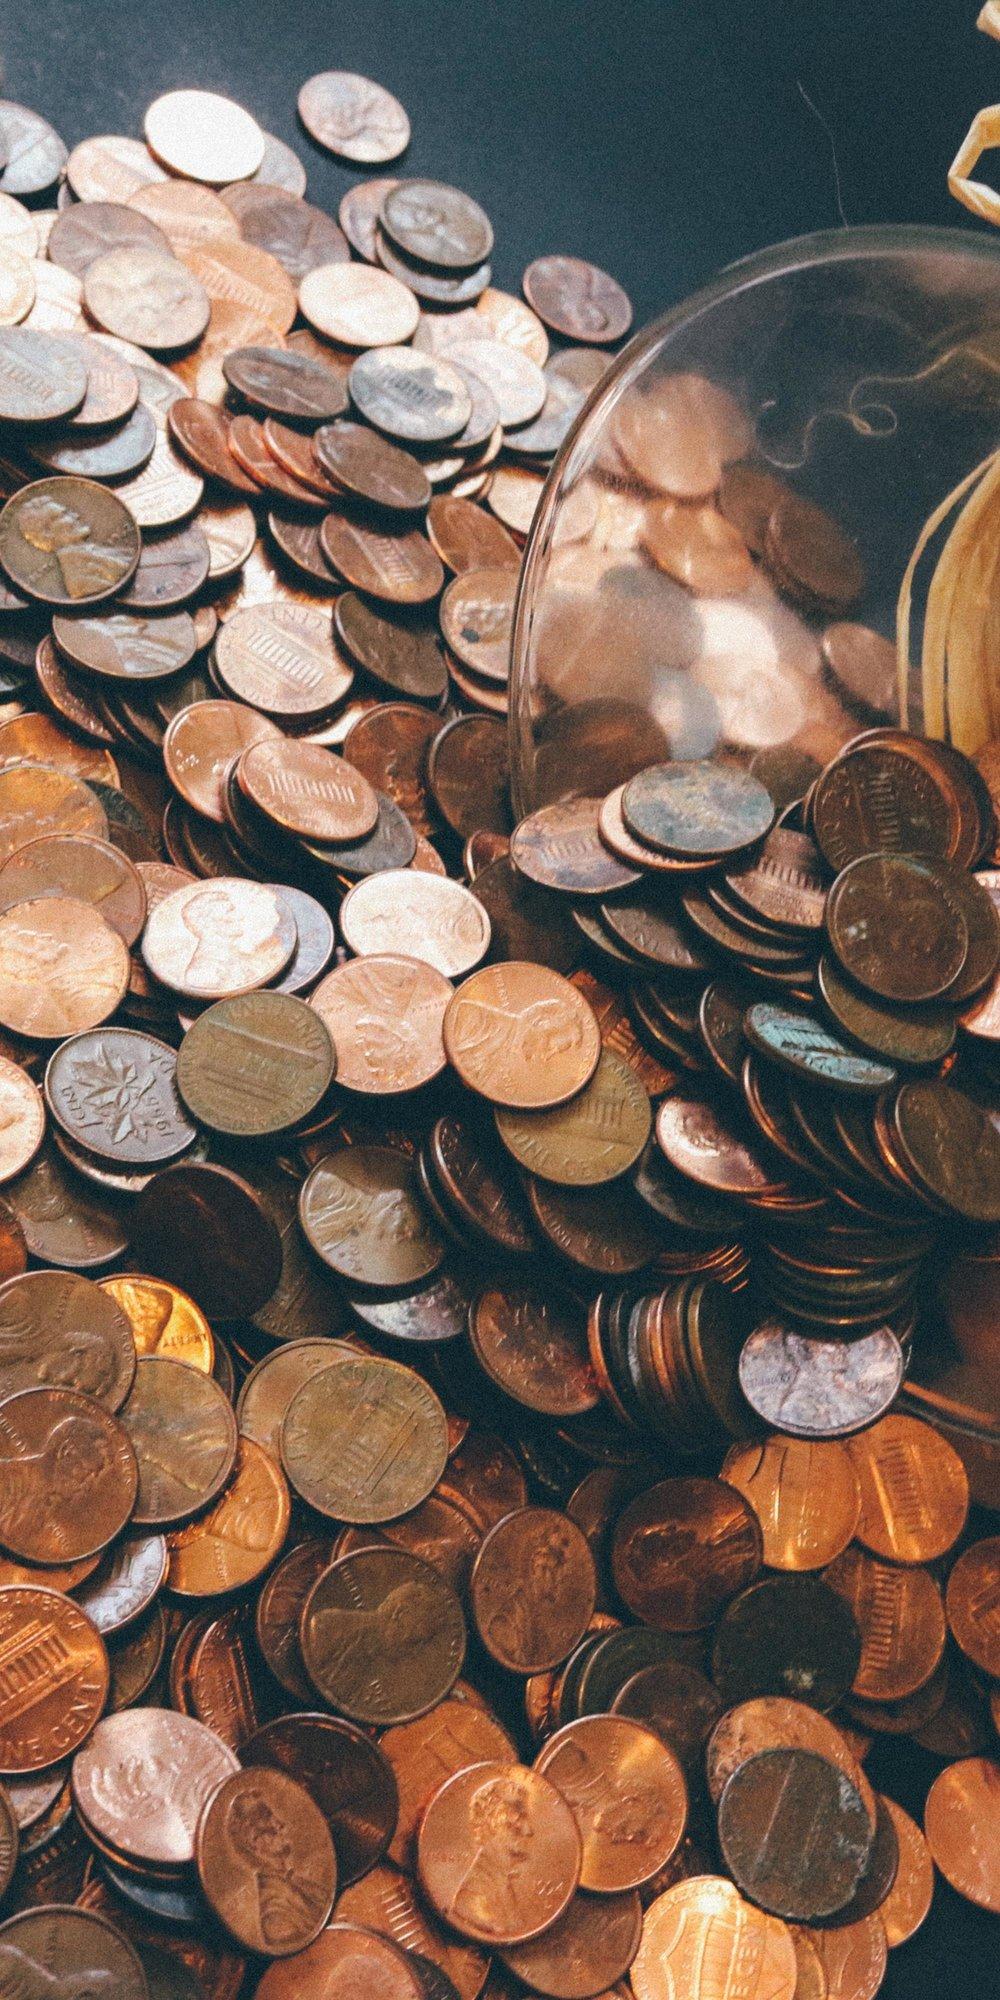 cash-coins-money-259165 [www.imagesplitter.net]-0-1.jpeg